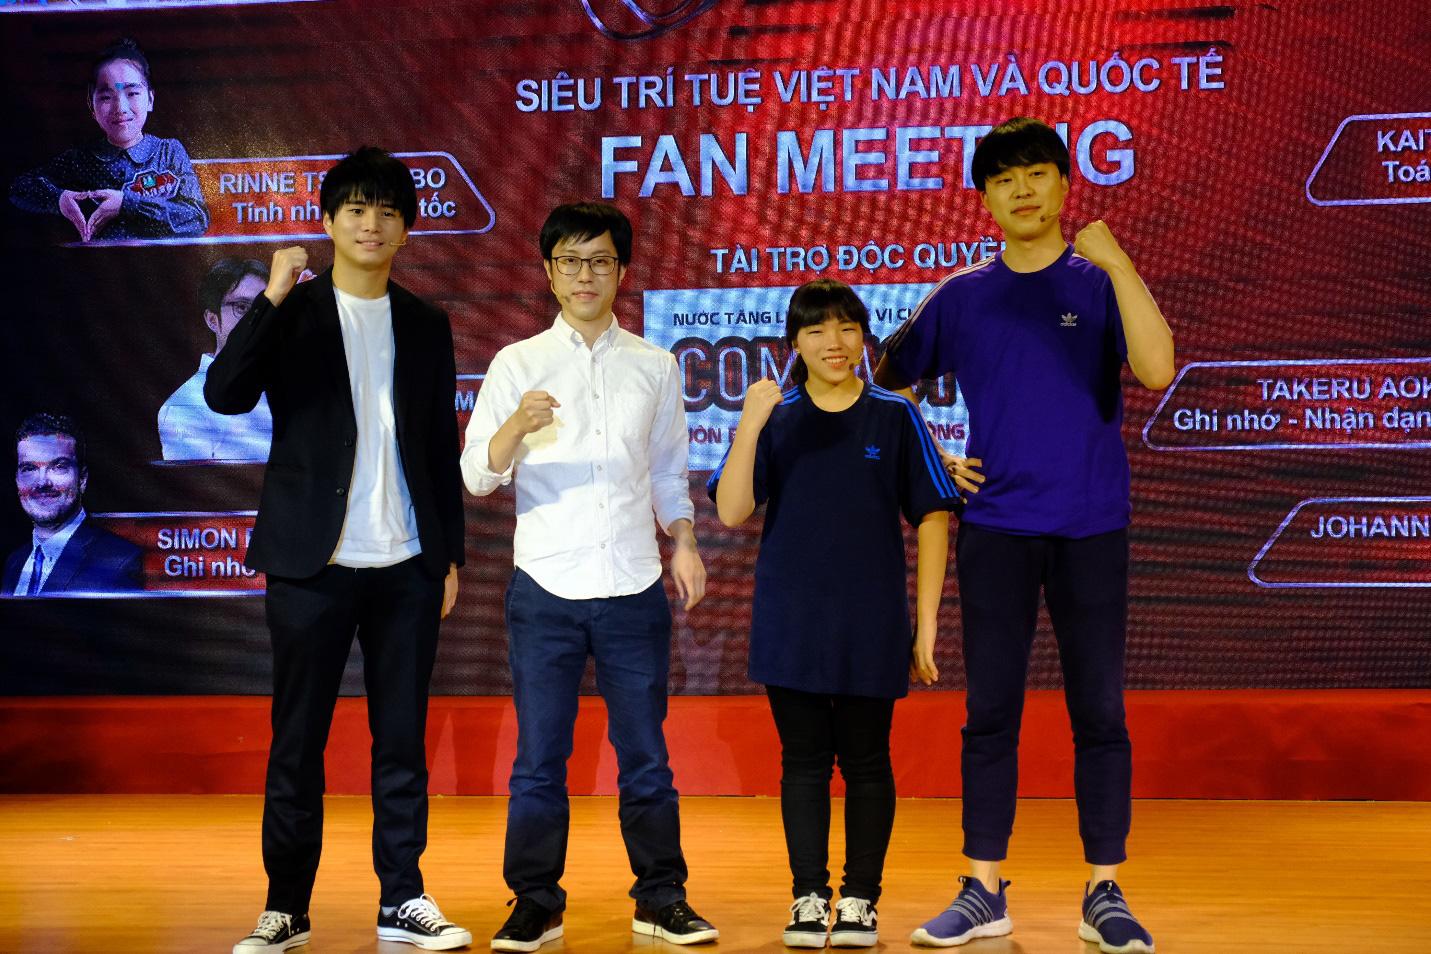 Dàn siêu trí tuệ quốc tế và Việt Nam bất ngờ hội ngộ khiến fan Việt vỡ òa - Ảnh 11.